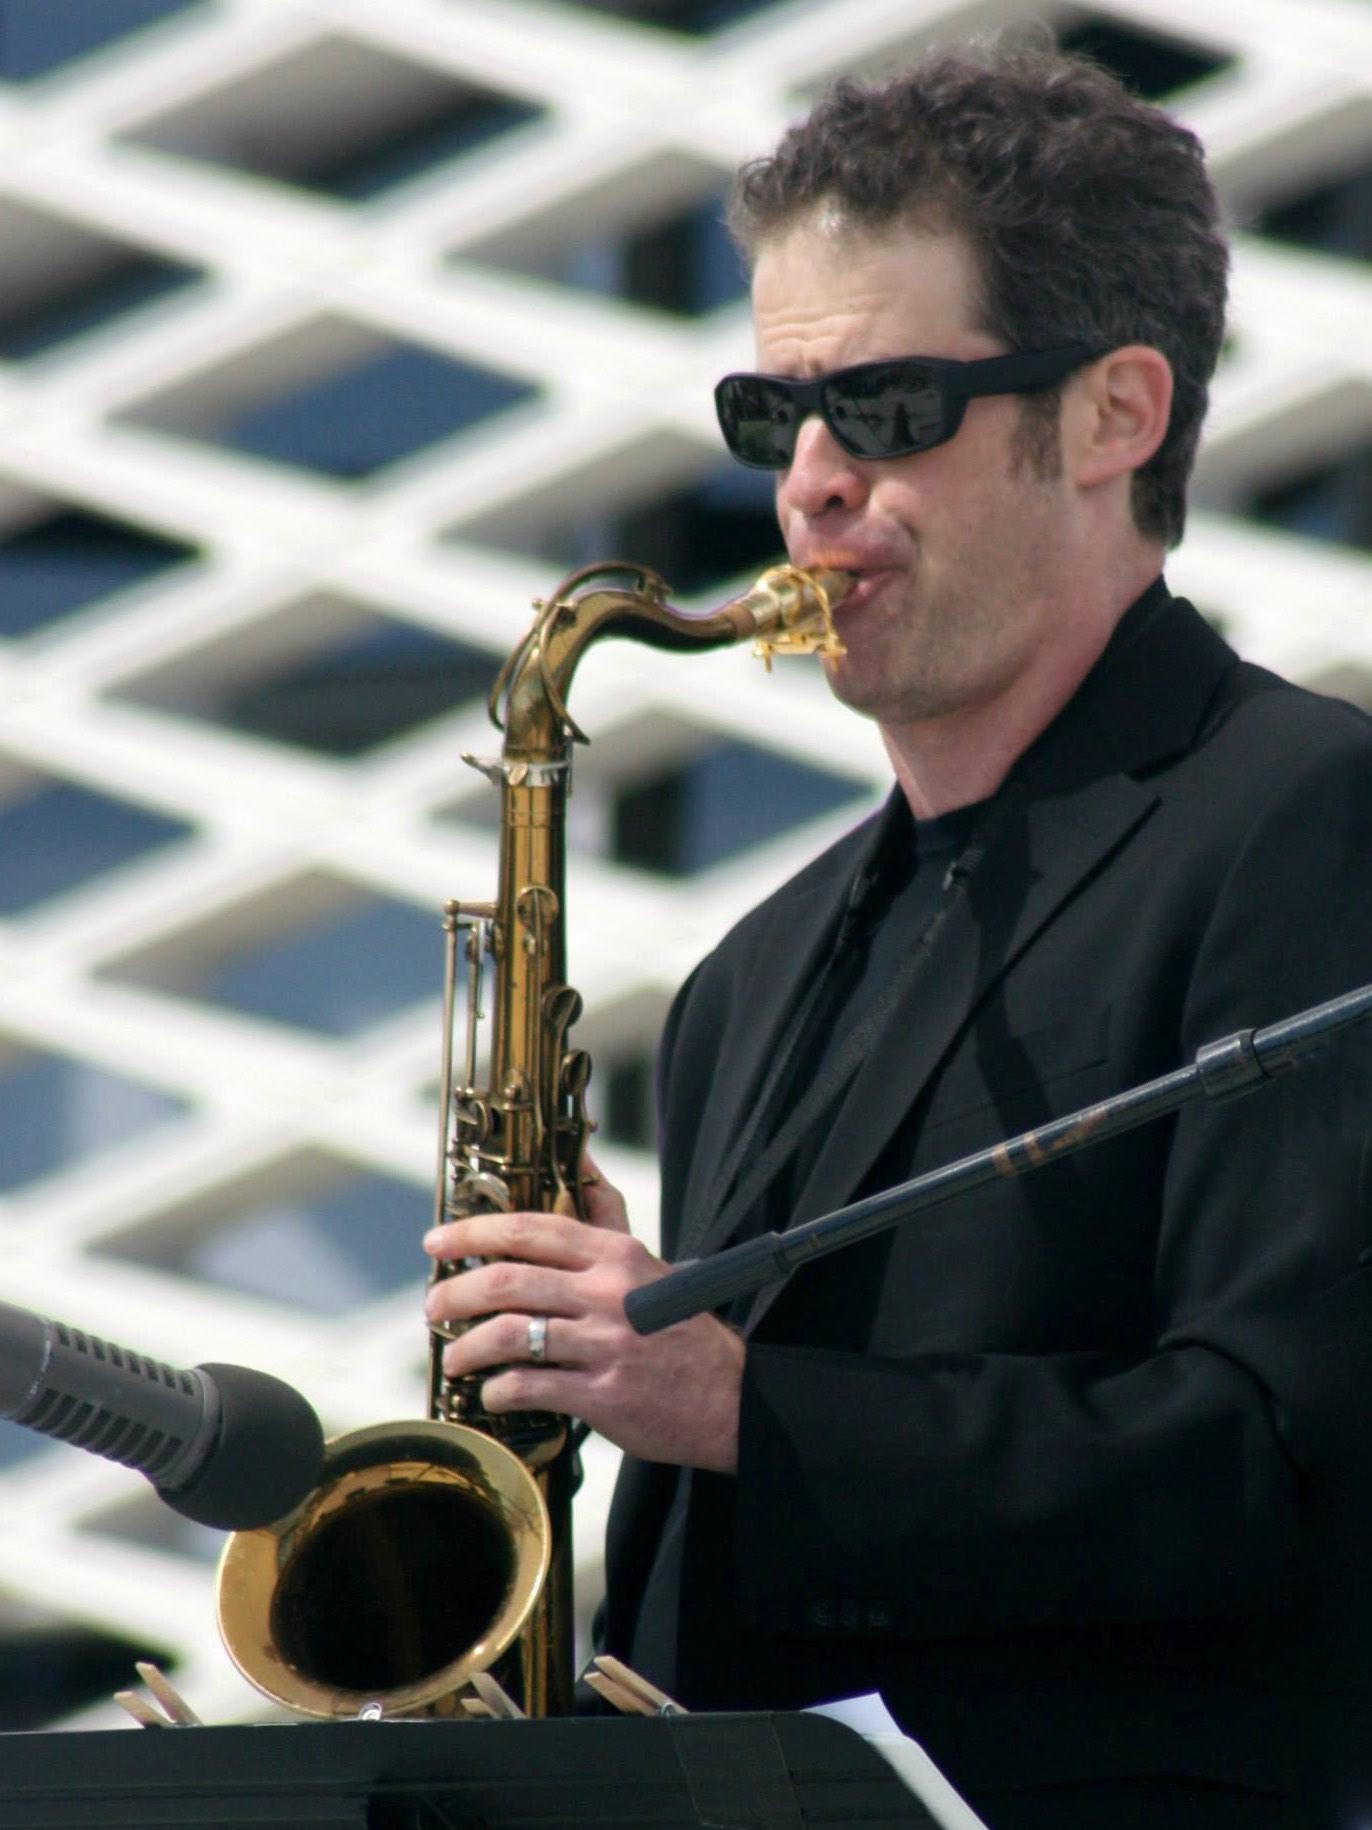 Anton Schwartz at KCSM Jazz on the Hill